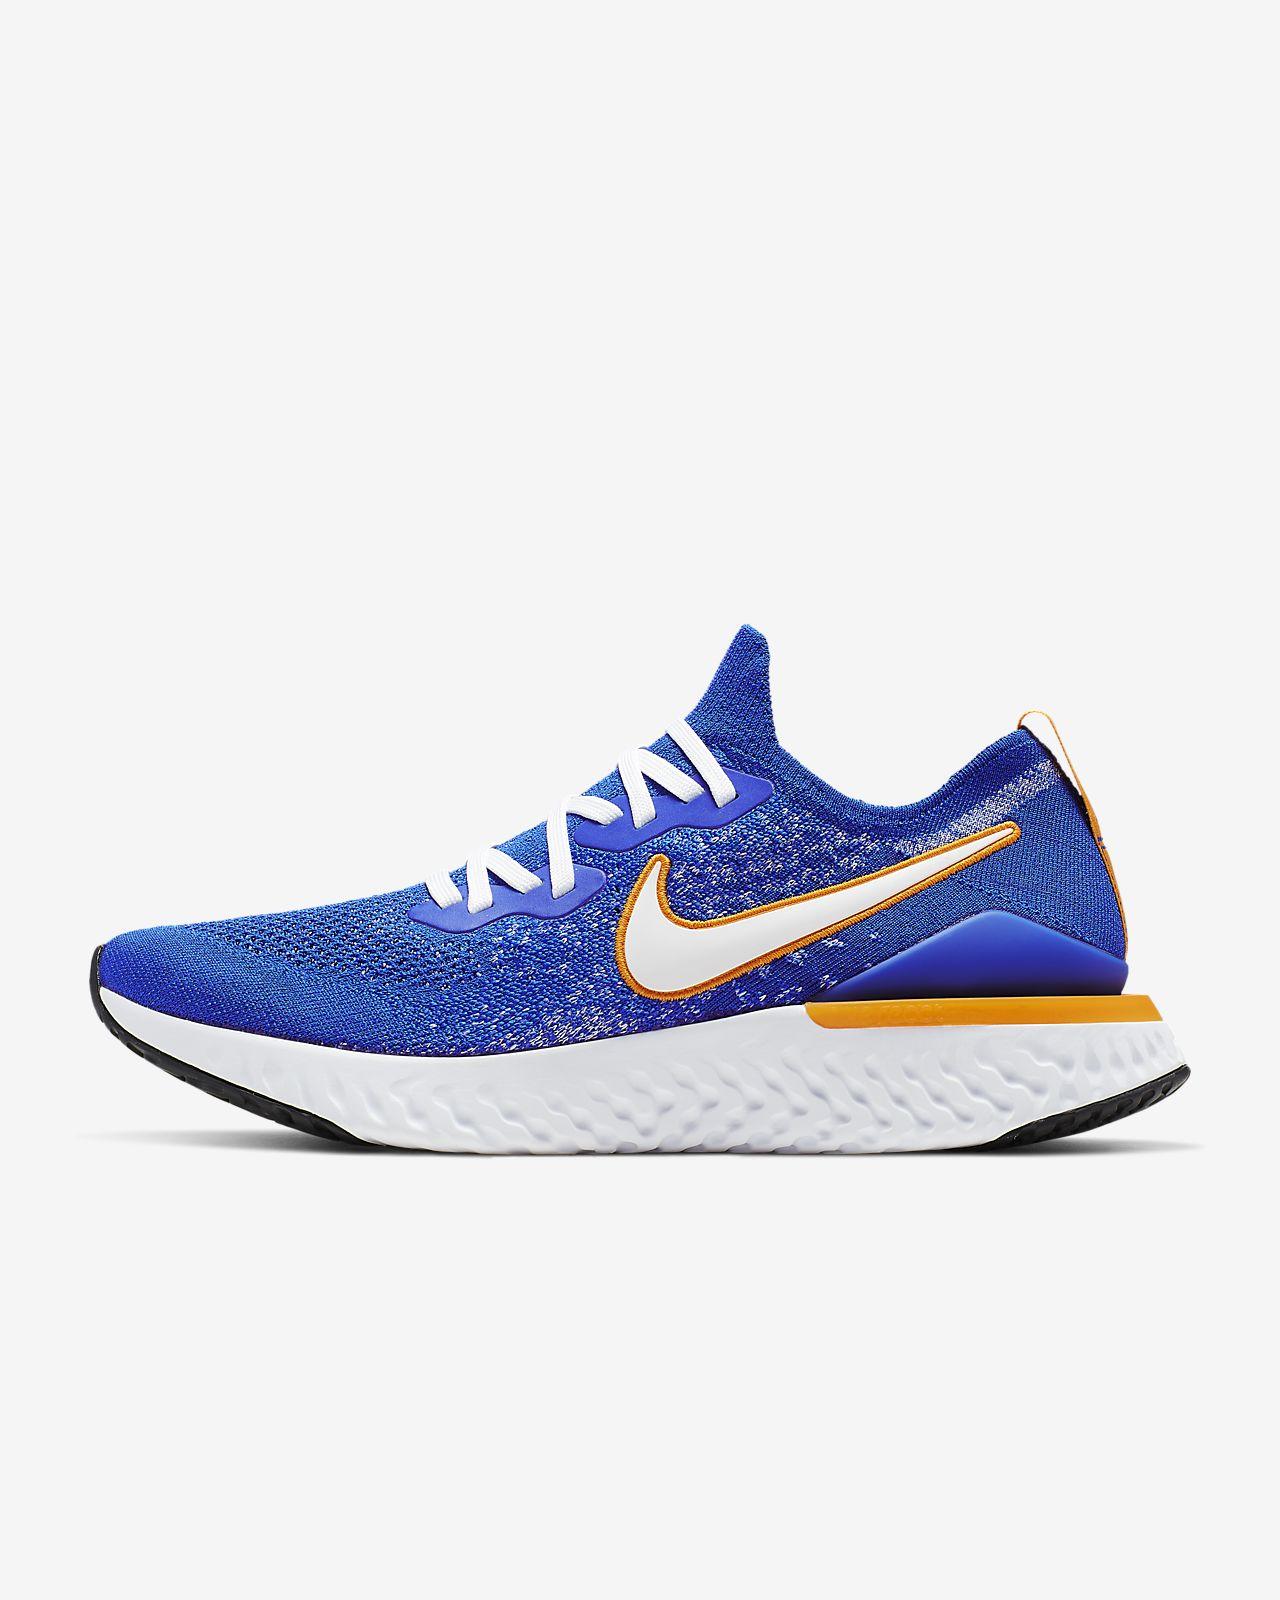 b1b3c238f80e Nike Epic React Flyknit 2 Men's Running Shoe. Nike.com